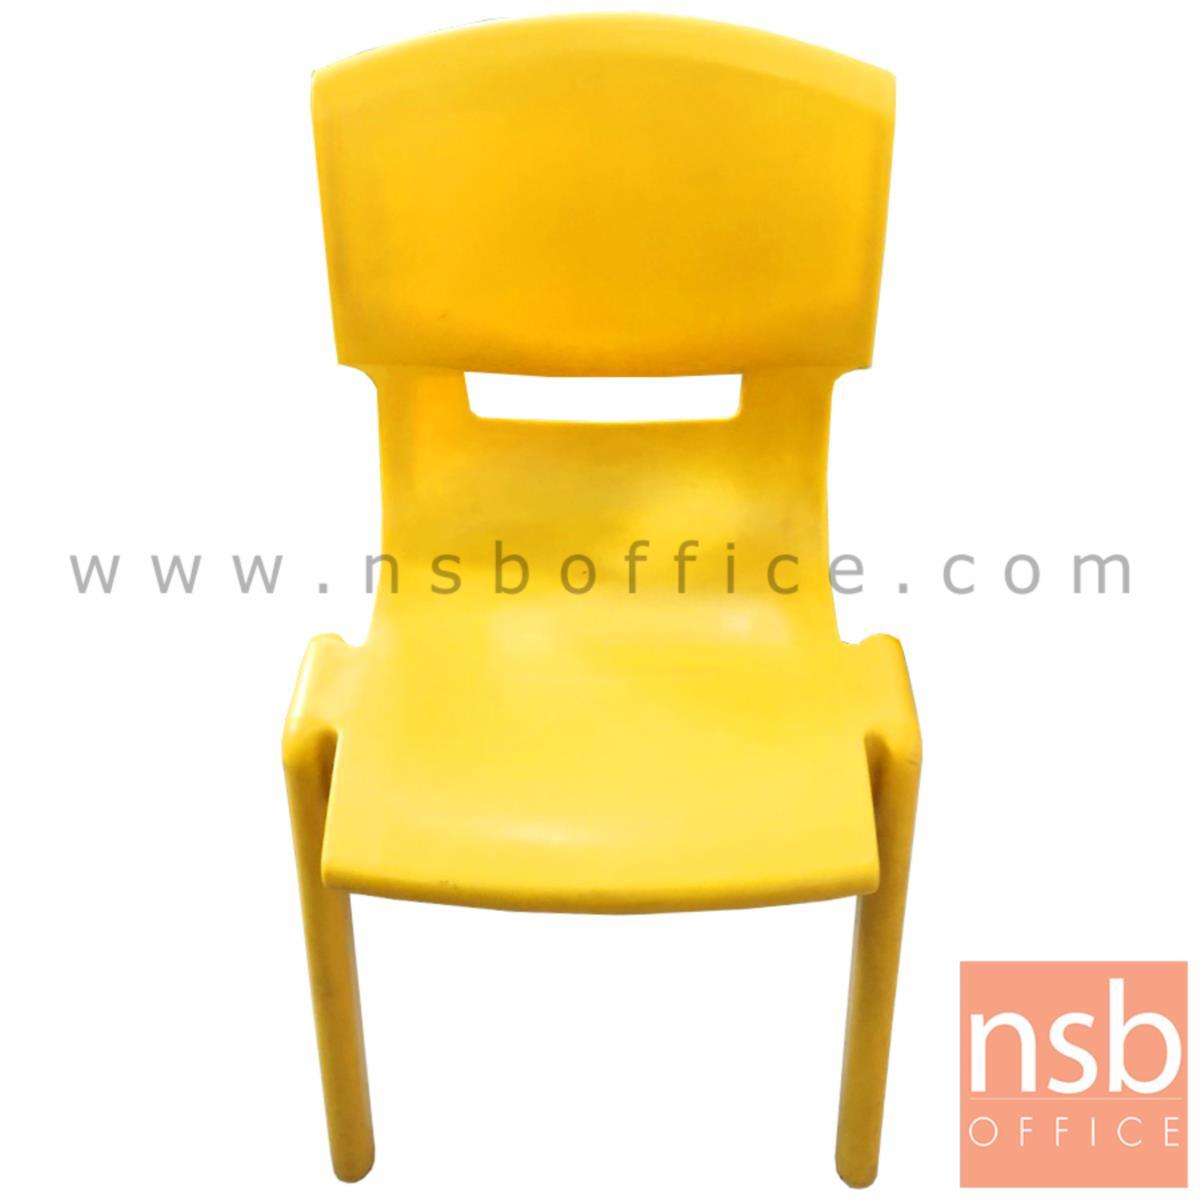 B10A091:เก้าอี้พลาสติกสำหรับเด็ก รุ่น CEDAR (ซีดาร์) ขนาด 39.5W*62H ,71H cm.